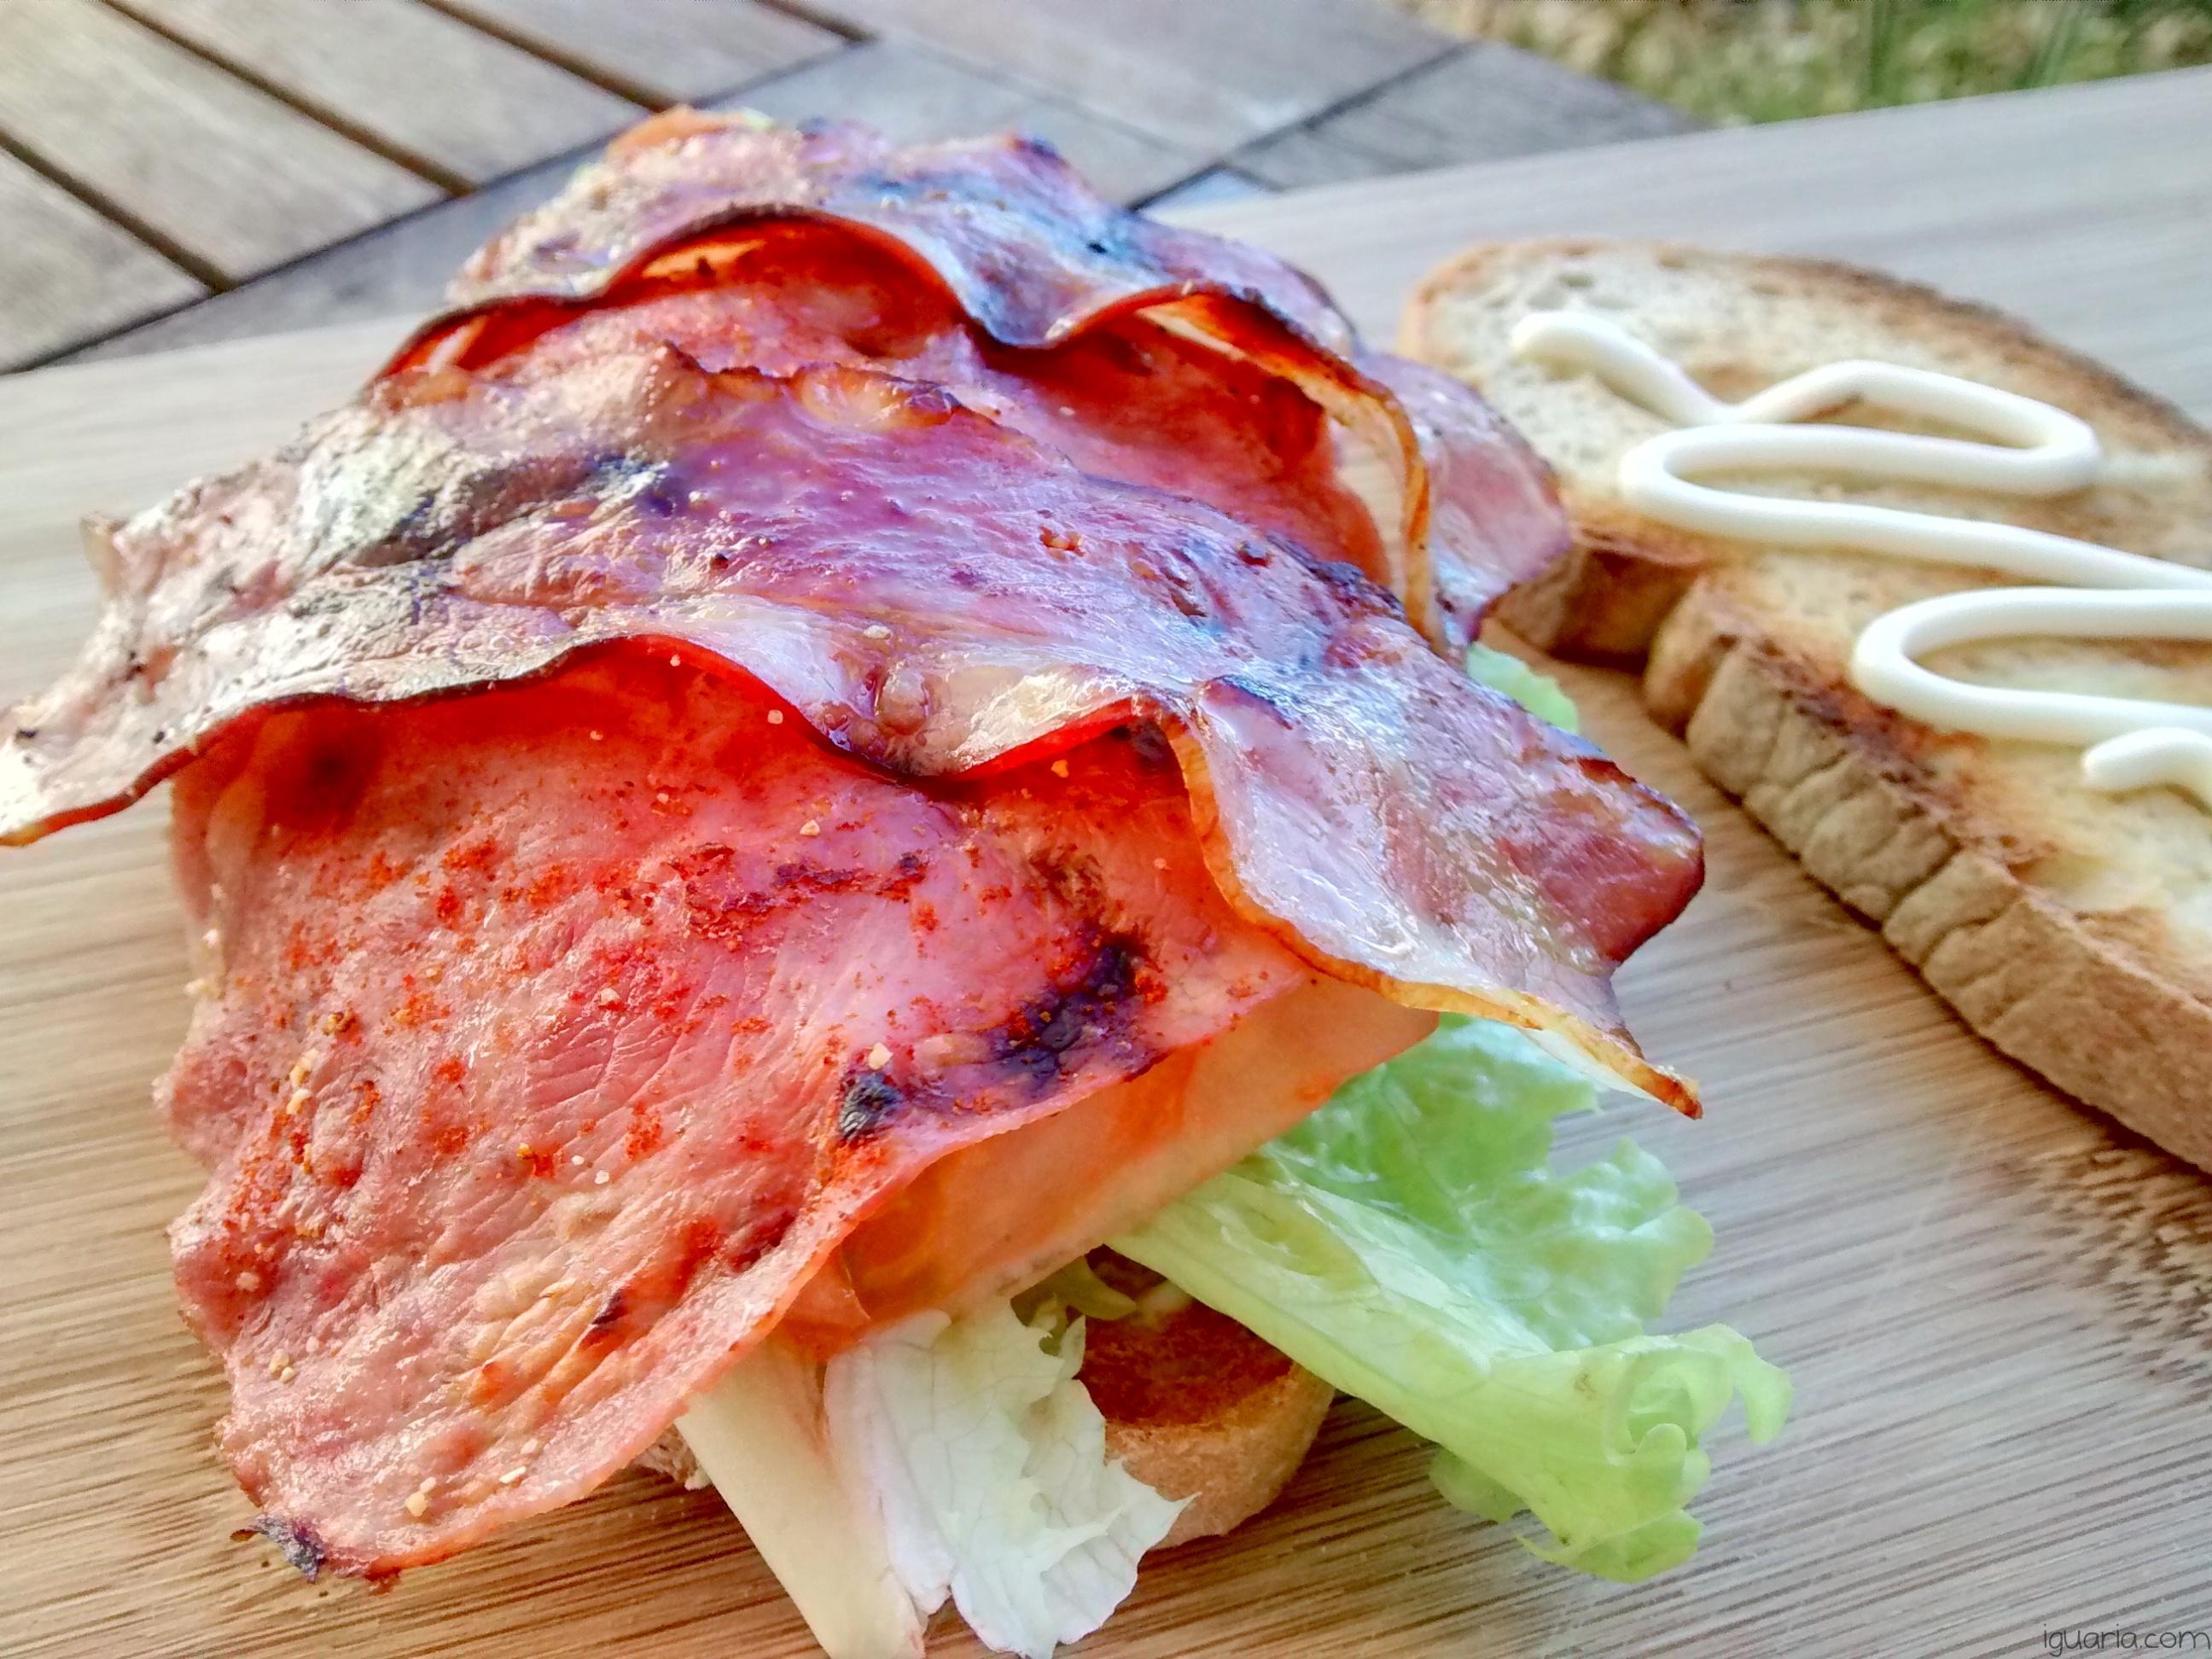 Iguaria_Sandes-com-Fiambre-e-Bacon